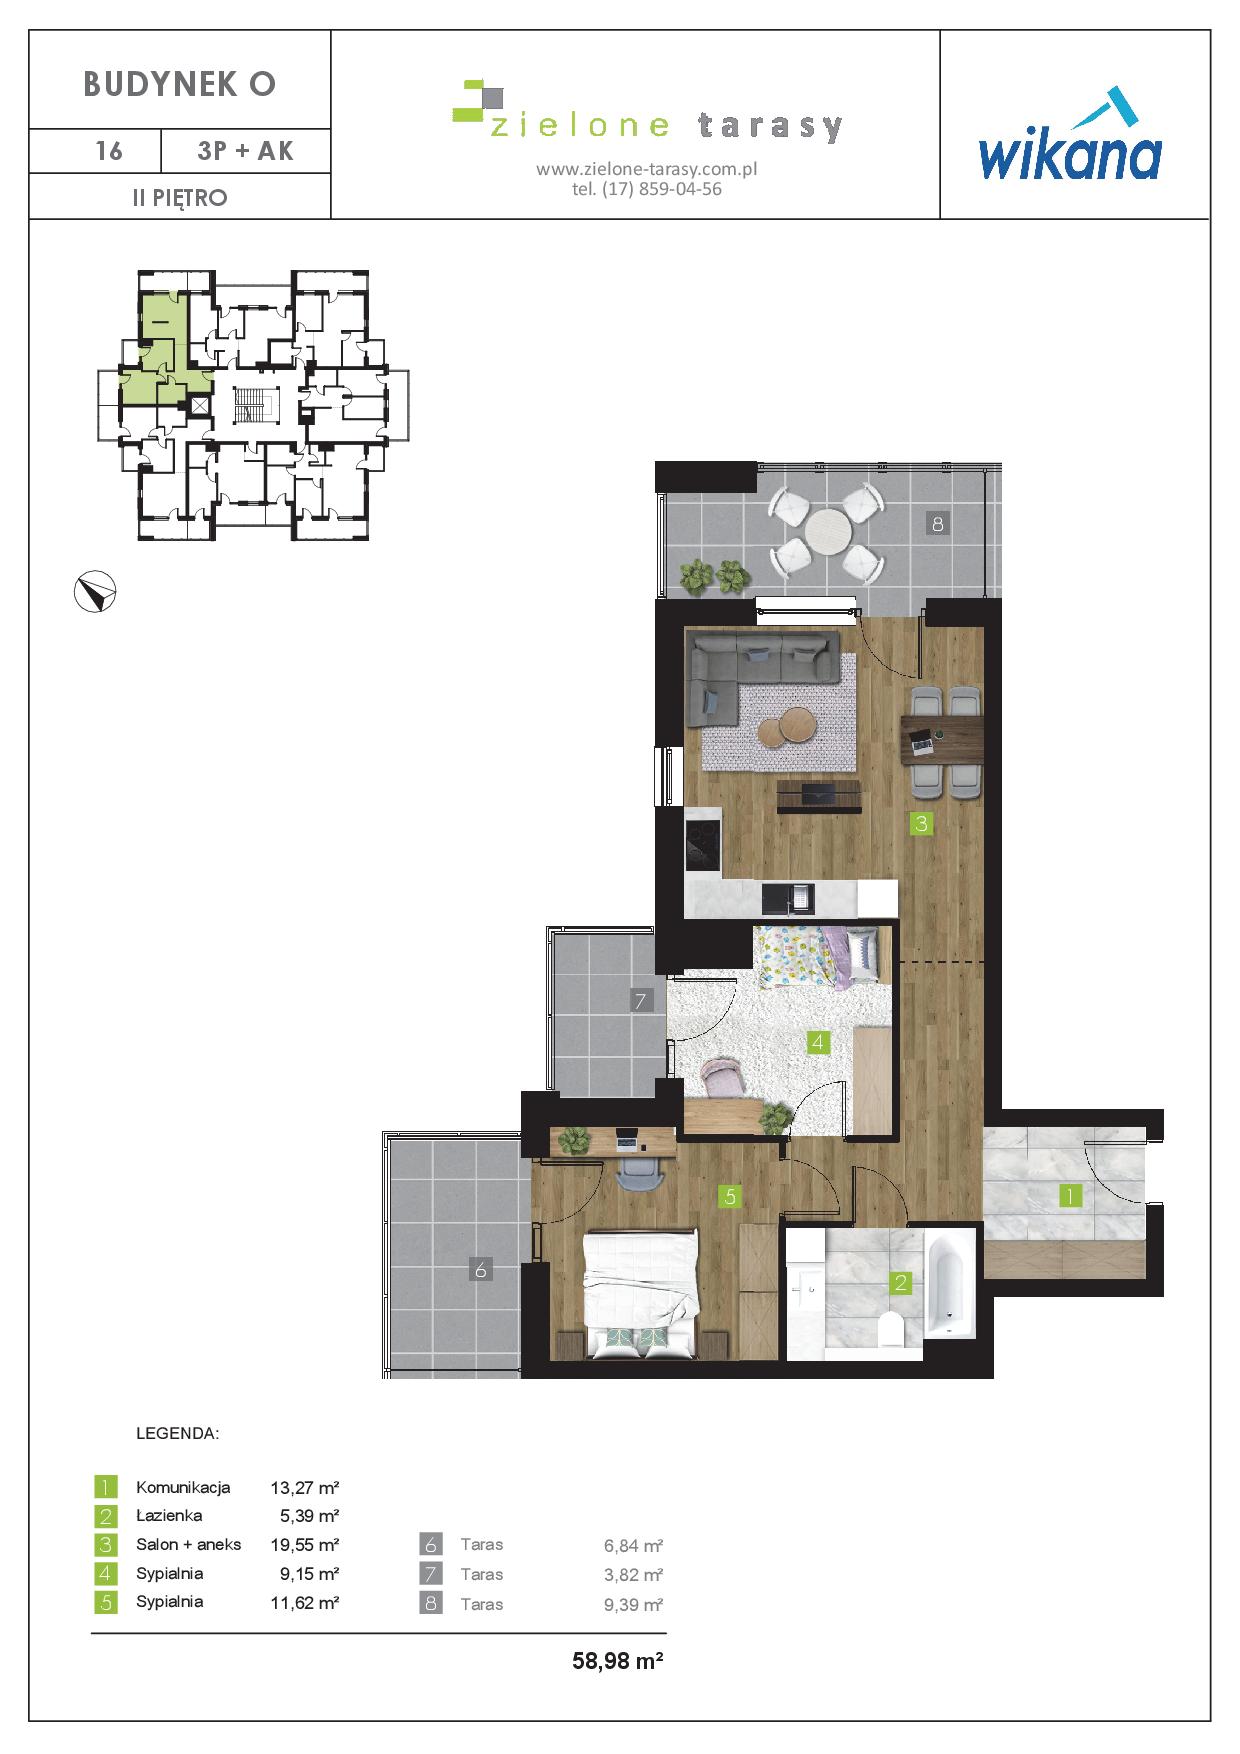 sprzedaż mieszkań rzeszów - O-16